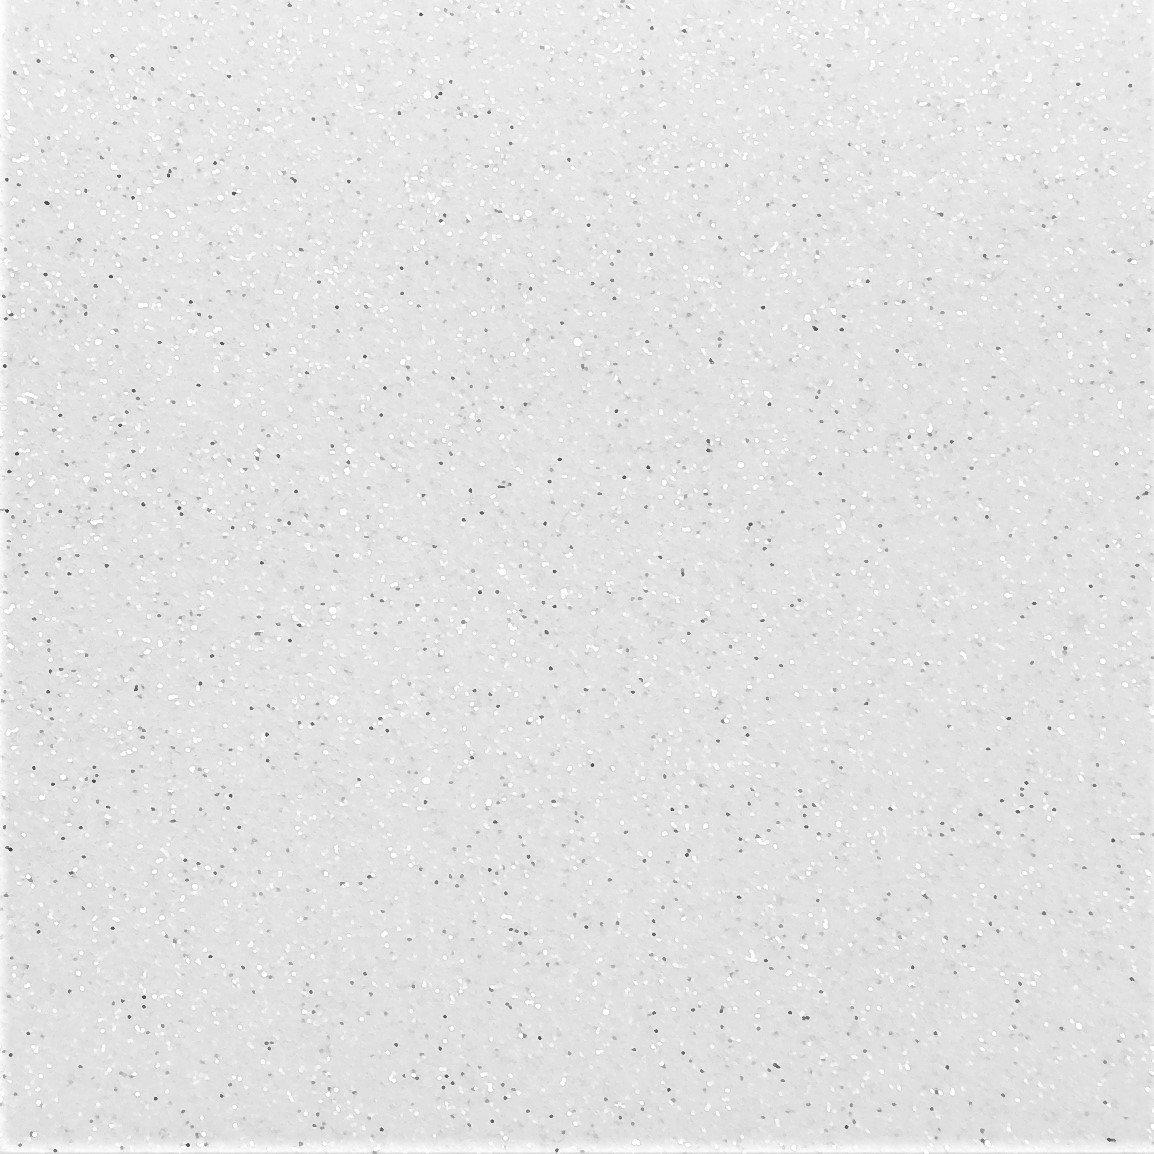 Heat Transfer Glitter Flake White